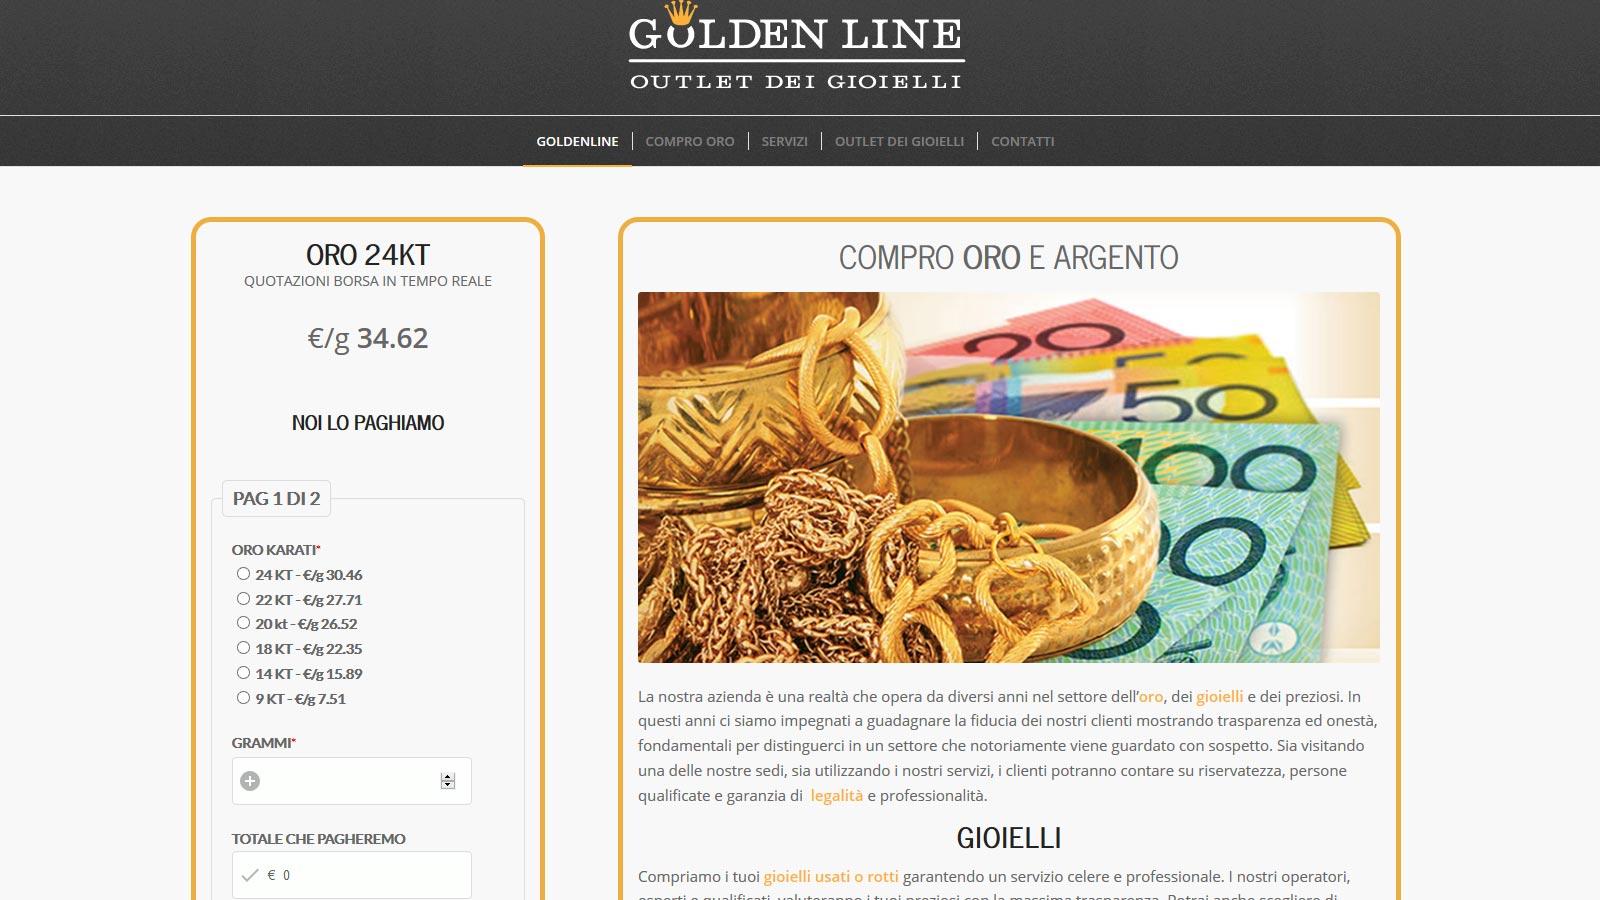 www.outletgoldenline.it